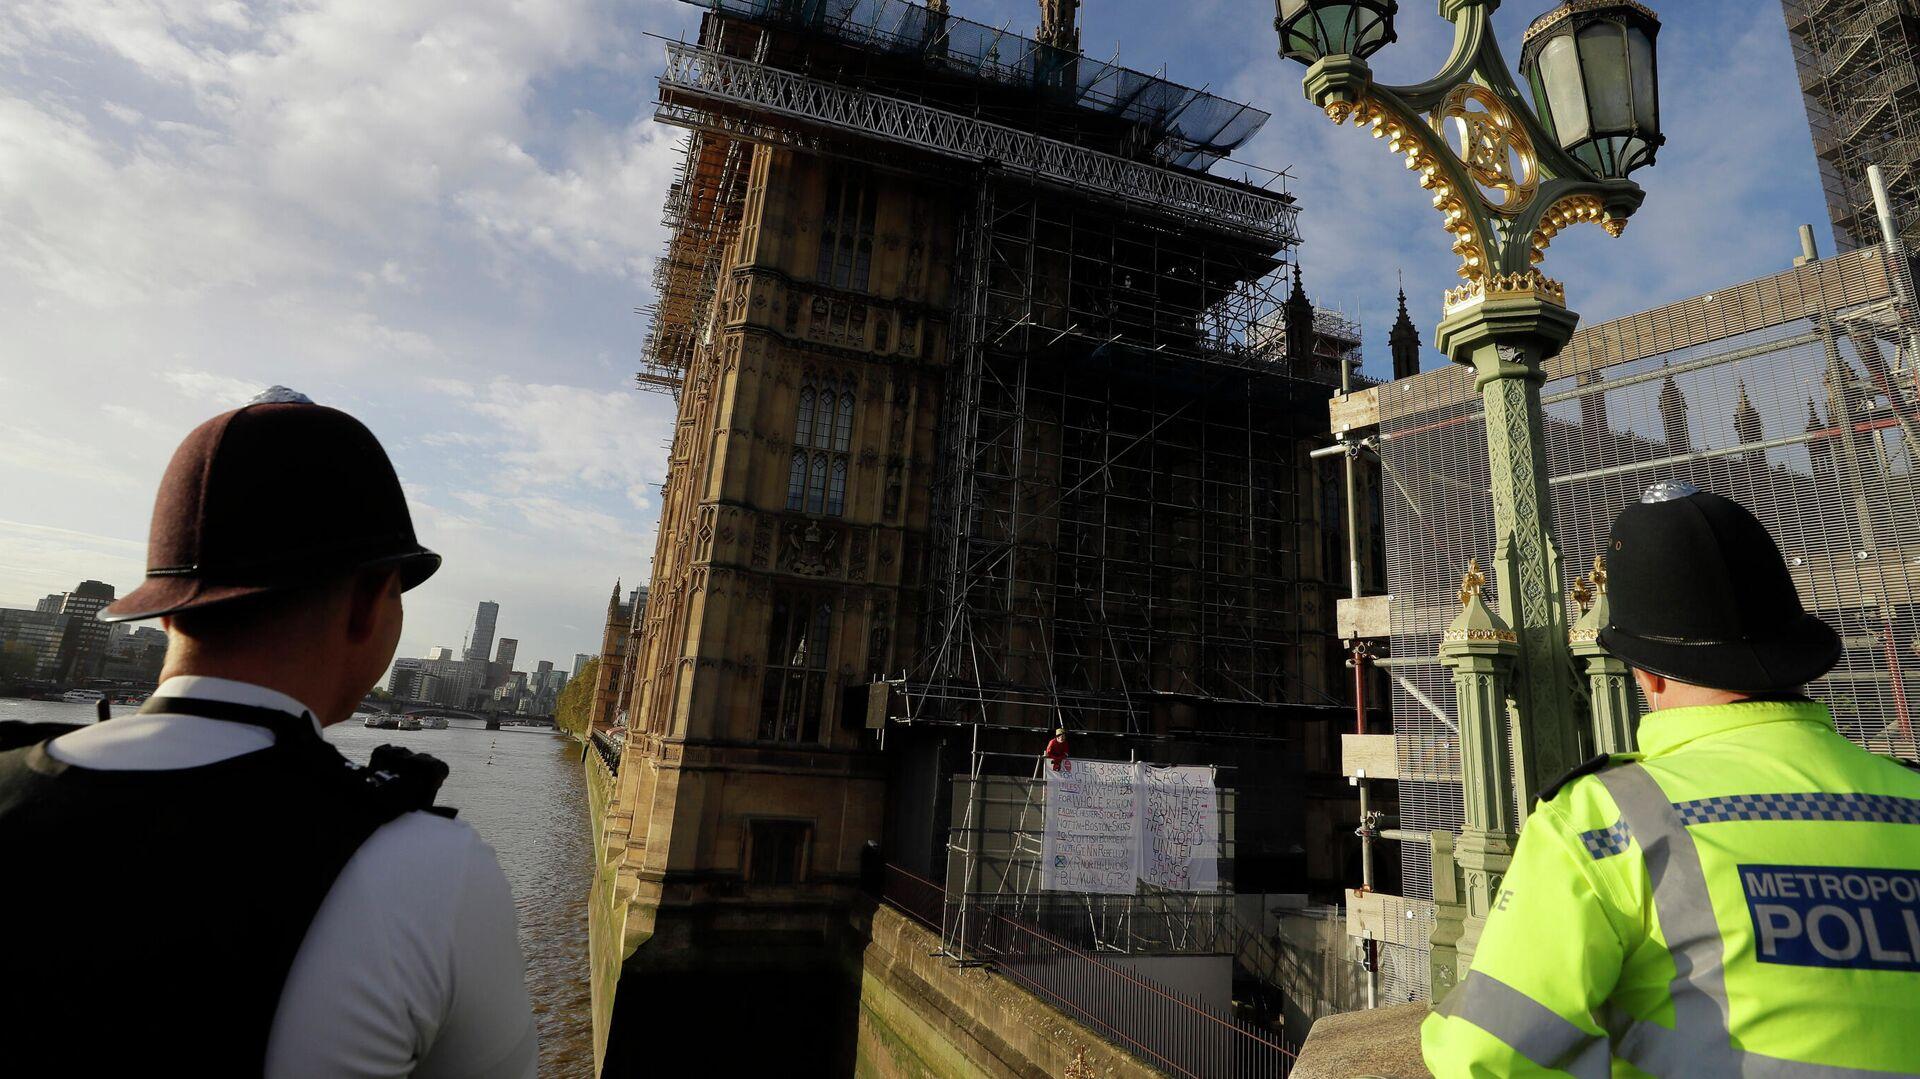 Сотрудники полиции наблюдают за протестующим в костюме человека-паука на здании Биг-Бена в Лондоне - РИА Новости, 1920, 08.02.2021